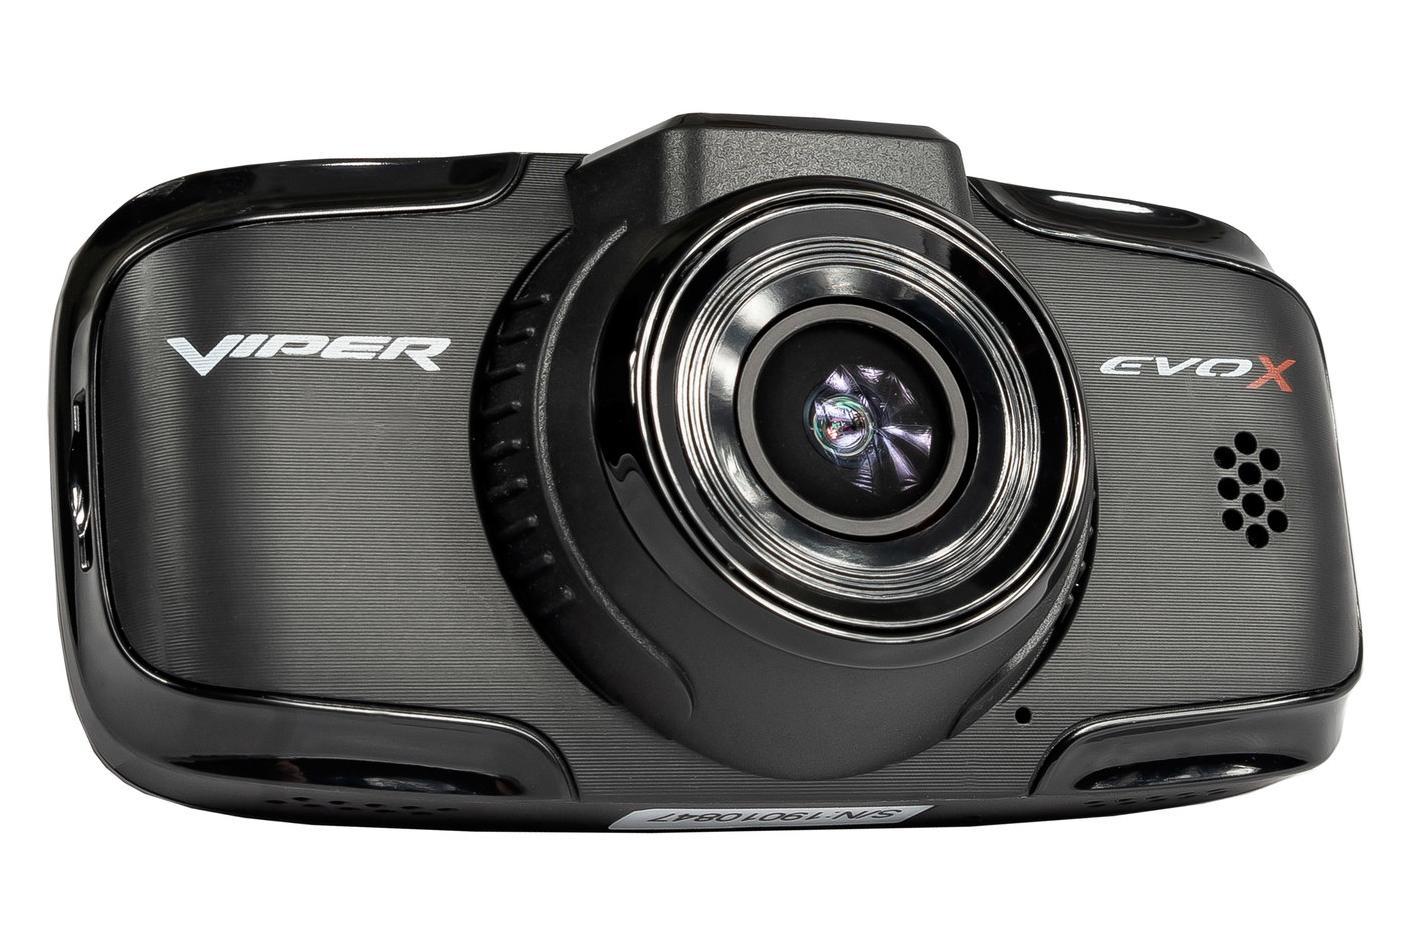 Видеорегистратор VIPER EVO-X GPS (+ Разветвитель в подарок!)